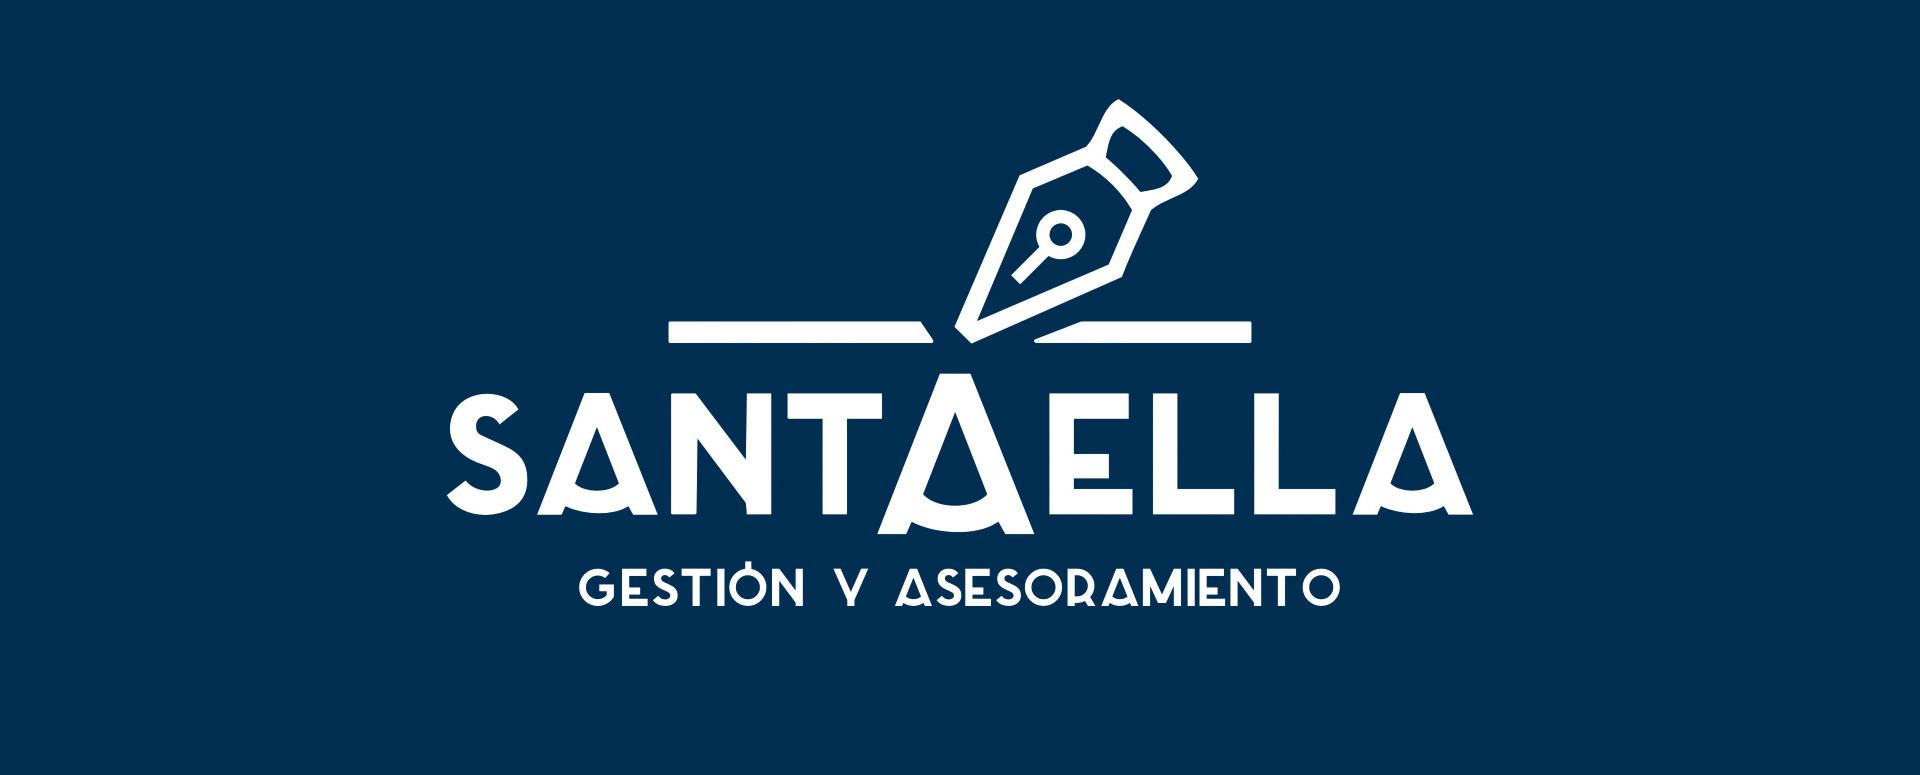 Logo Asesoría Santaella · Gestión y Asesoramiento · Los Llanos de Aridane · La Palma